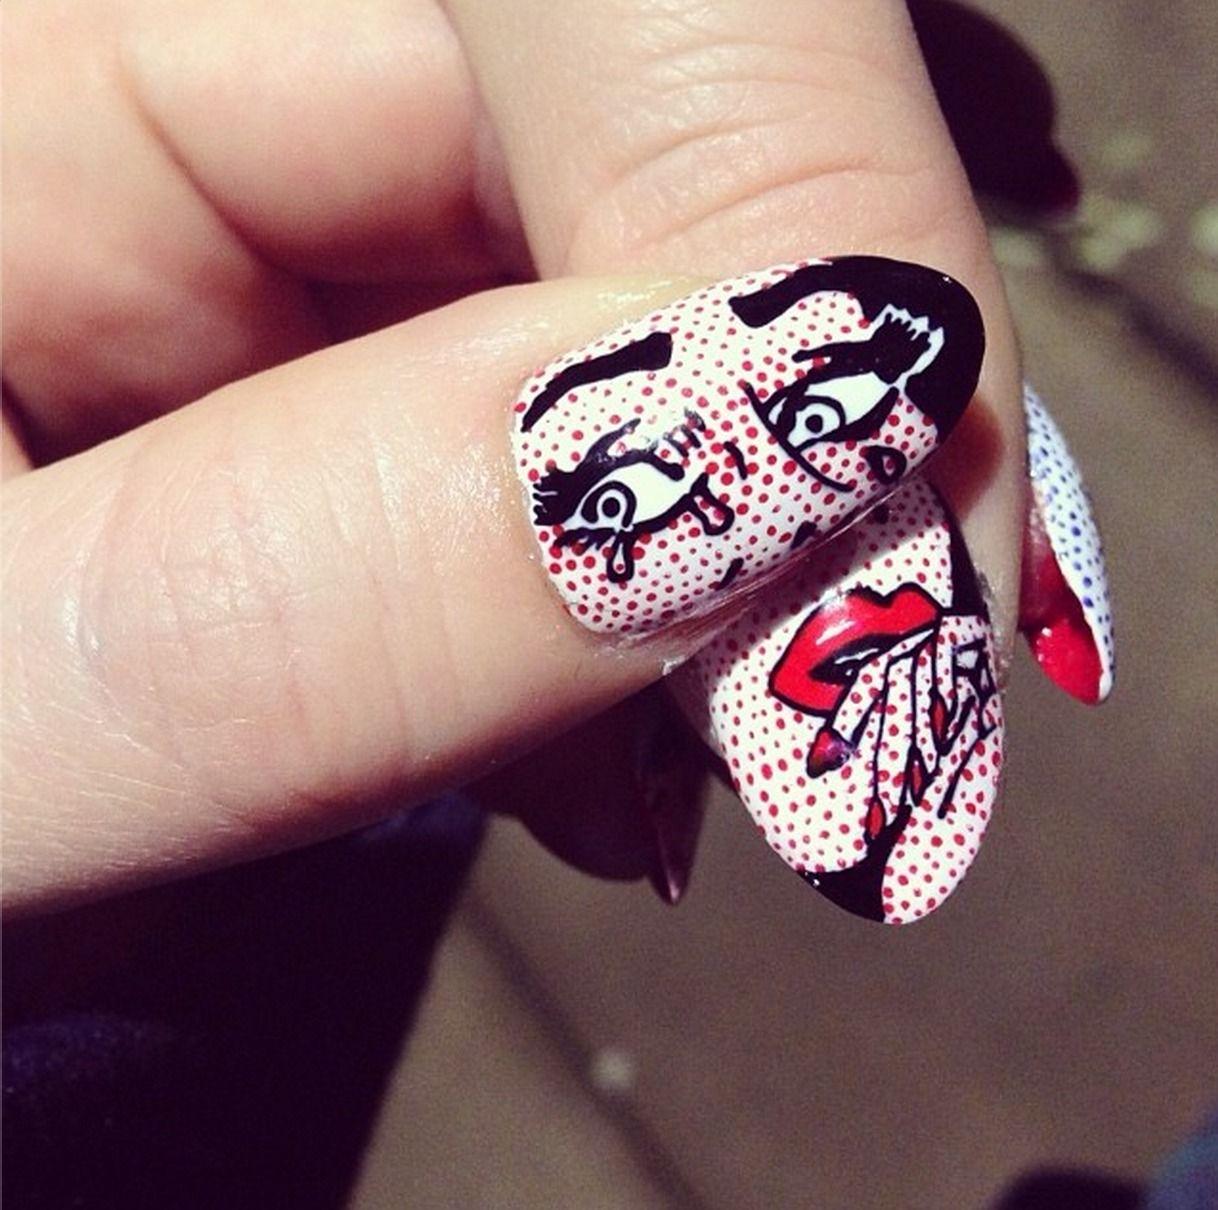 Lichtenstein crying girl boom nails nail art design